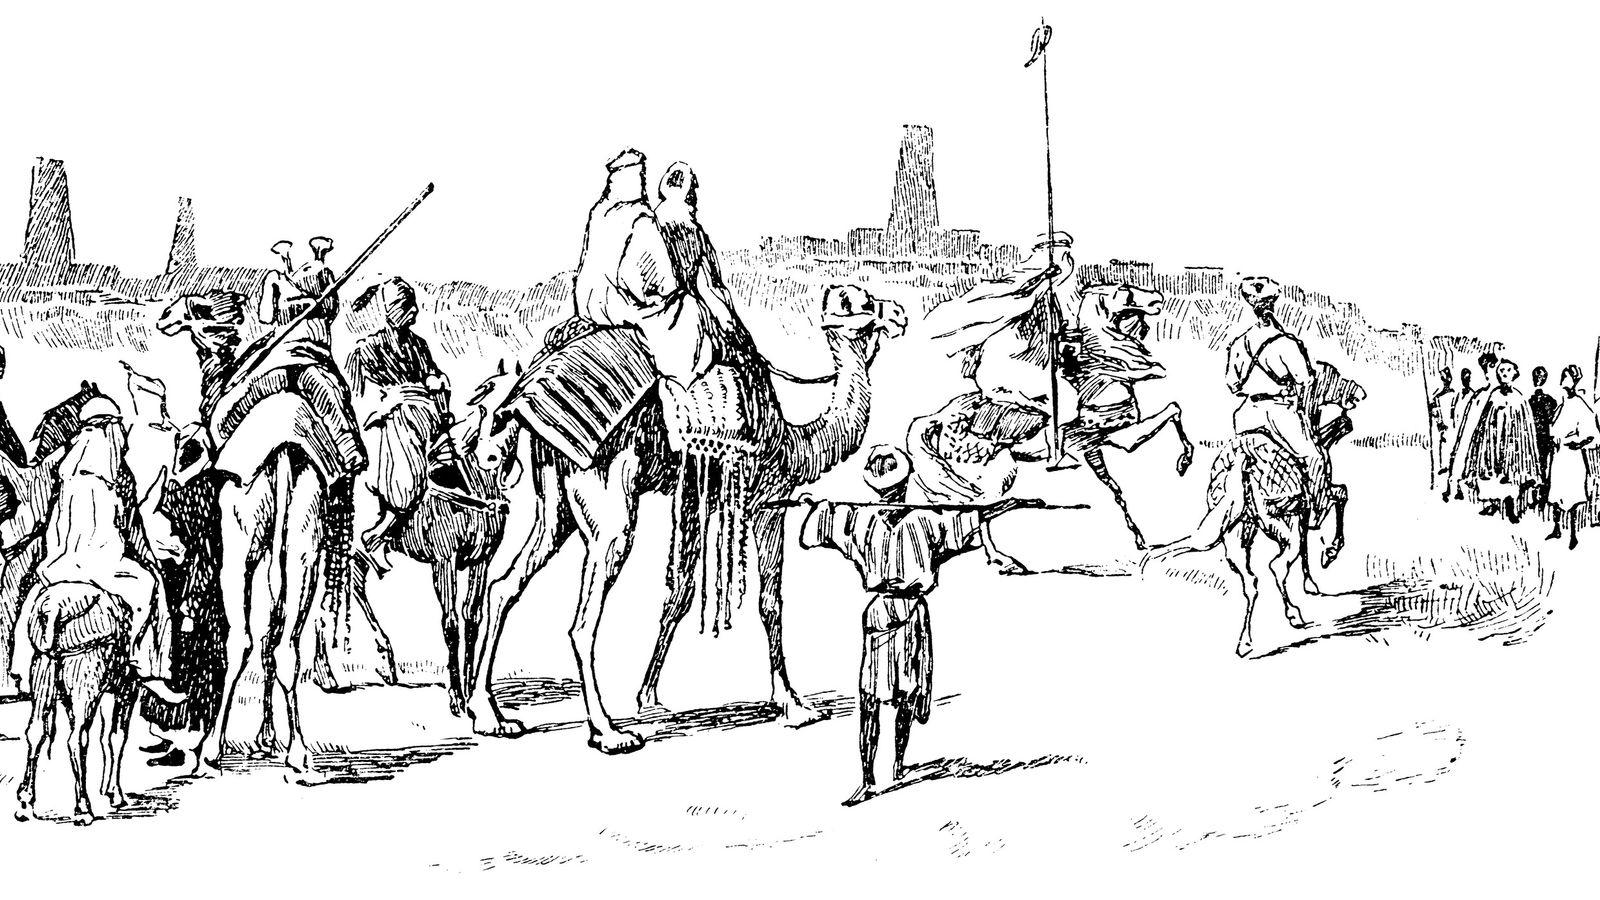 Heinrich Barth nähert sich am 7. September 1853 Timbuktu.